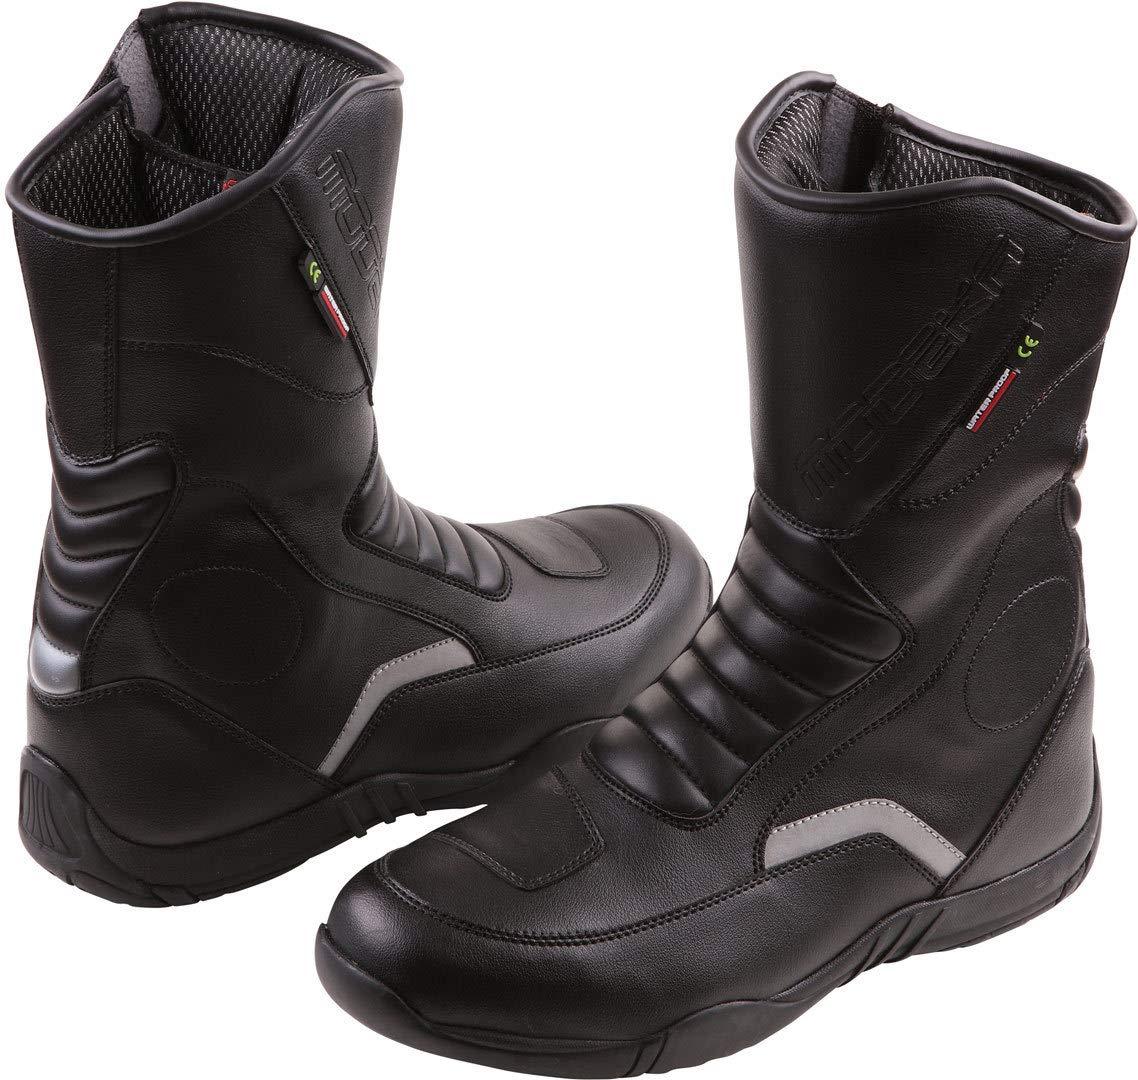 Modeka Motorcycle Touring Boots BLAKER Black